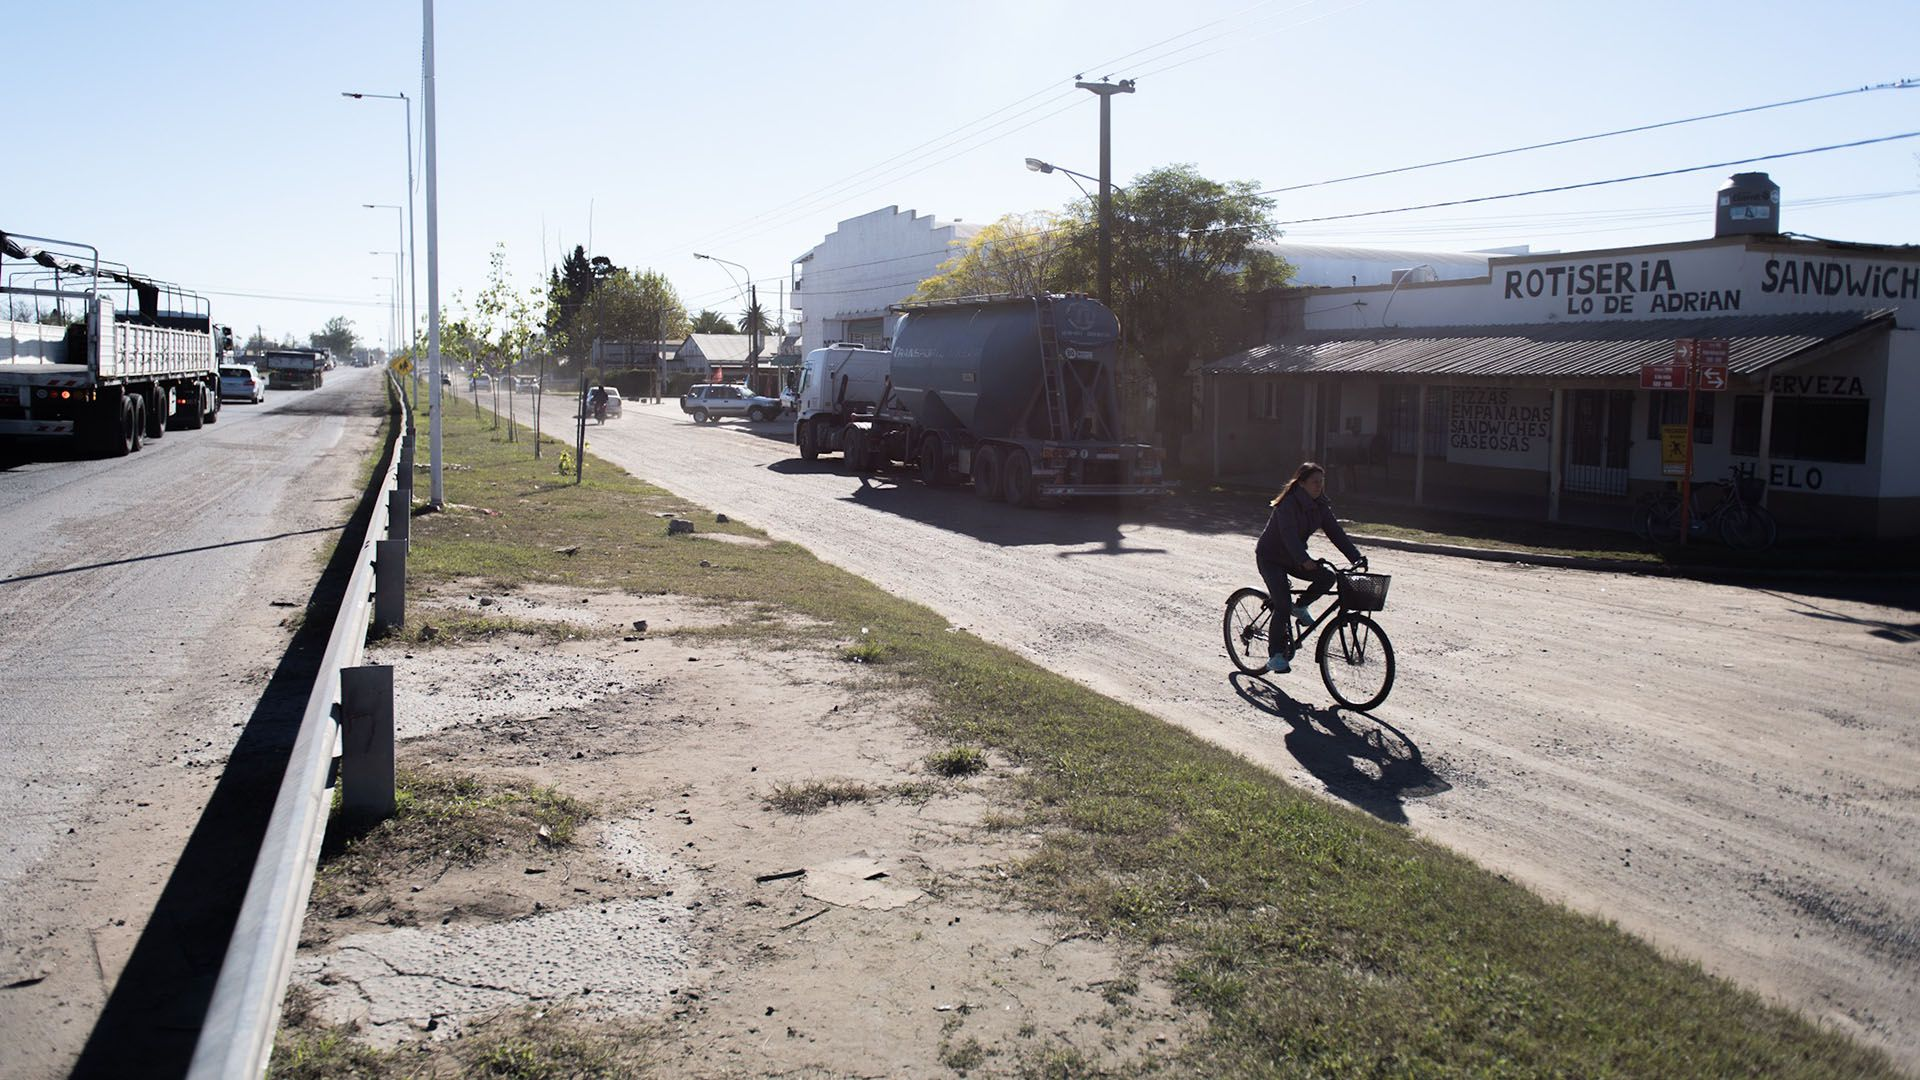 La colectora 9 de julio de un lado y la Ruta 3 del otro. Se unen pocas cuadras hacia el norte. En la esquina sucedió el impacto, casi a la misma altura del camión. La calle es de ripio y ahí suelen estacionar lostransportistas que conduces camiones de cargas para descansar porquetienen iluminación y seguridad